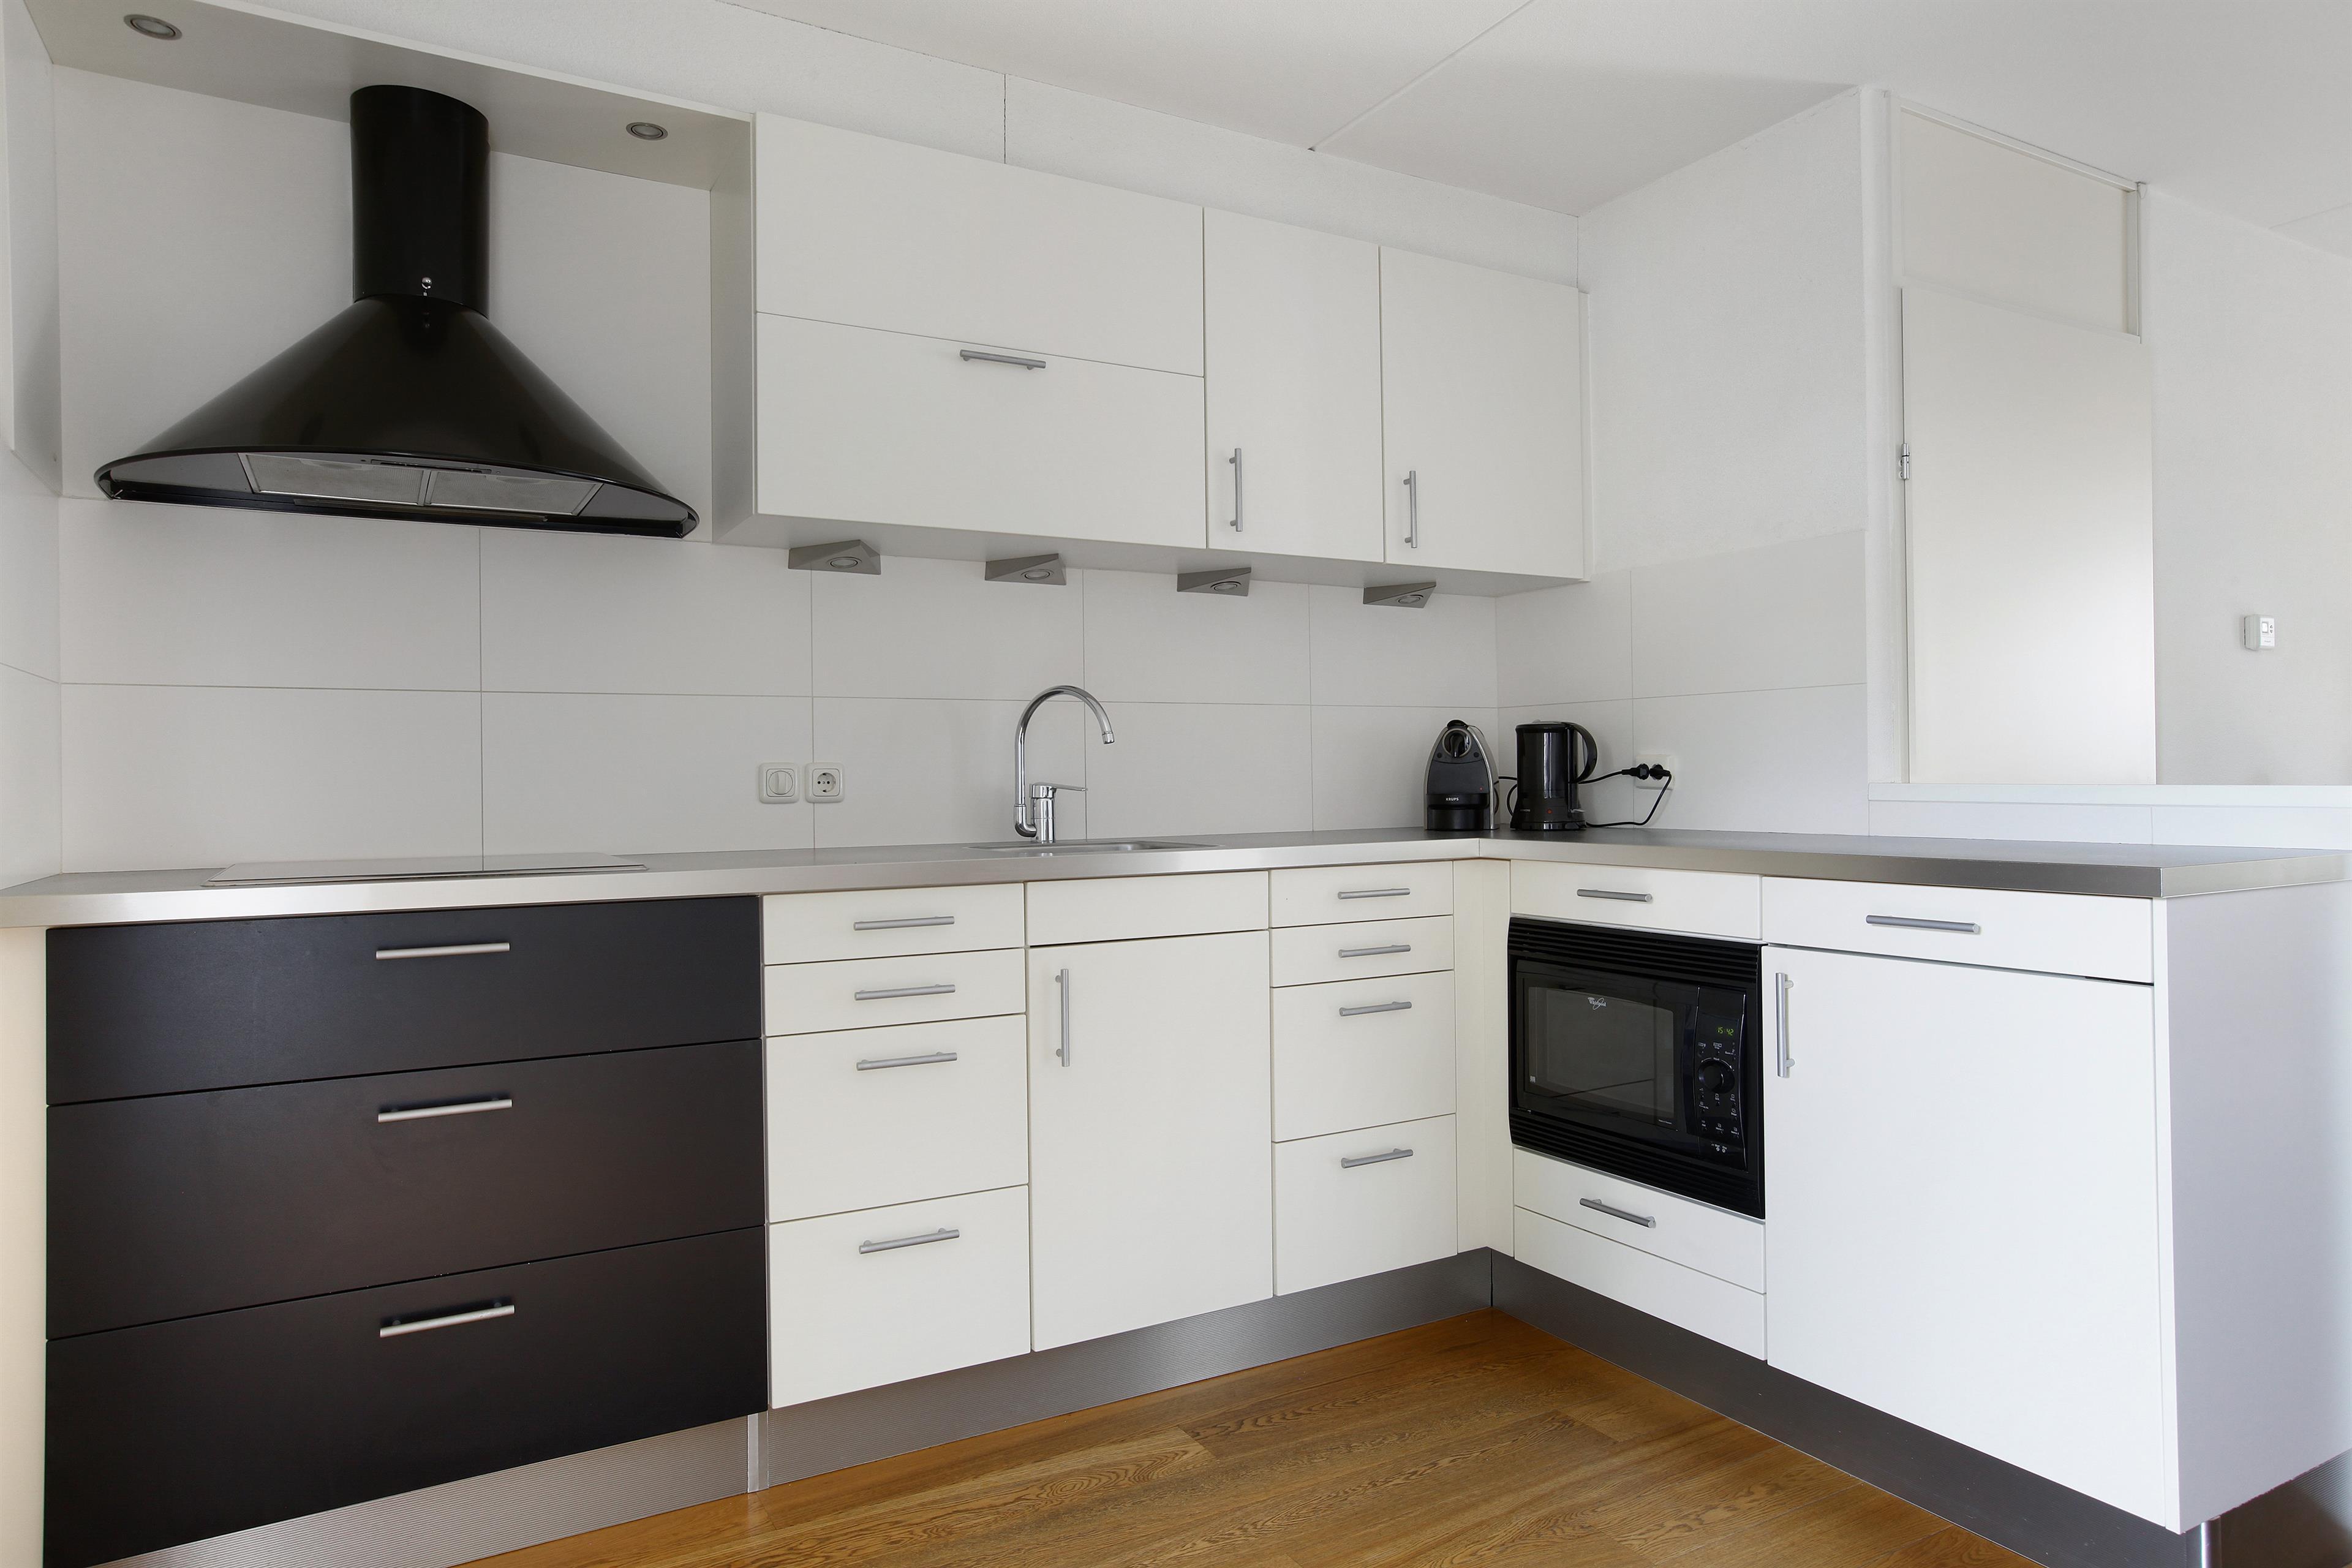 Ikea keuken houten witte - Deco witte keuken ...